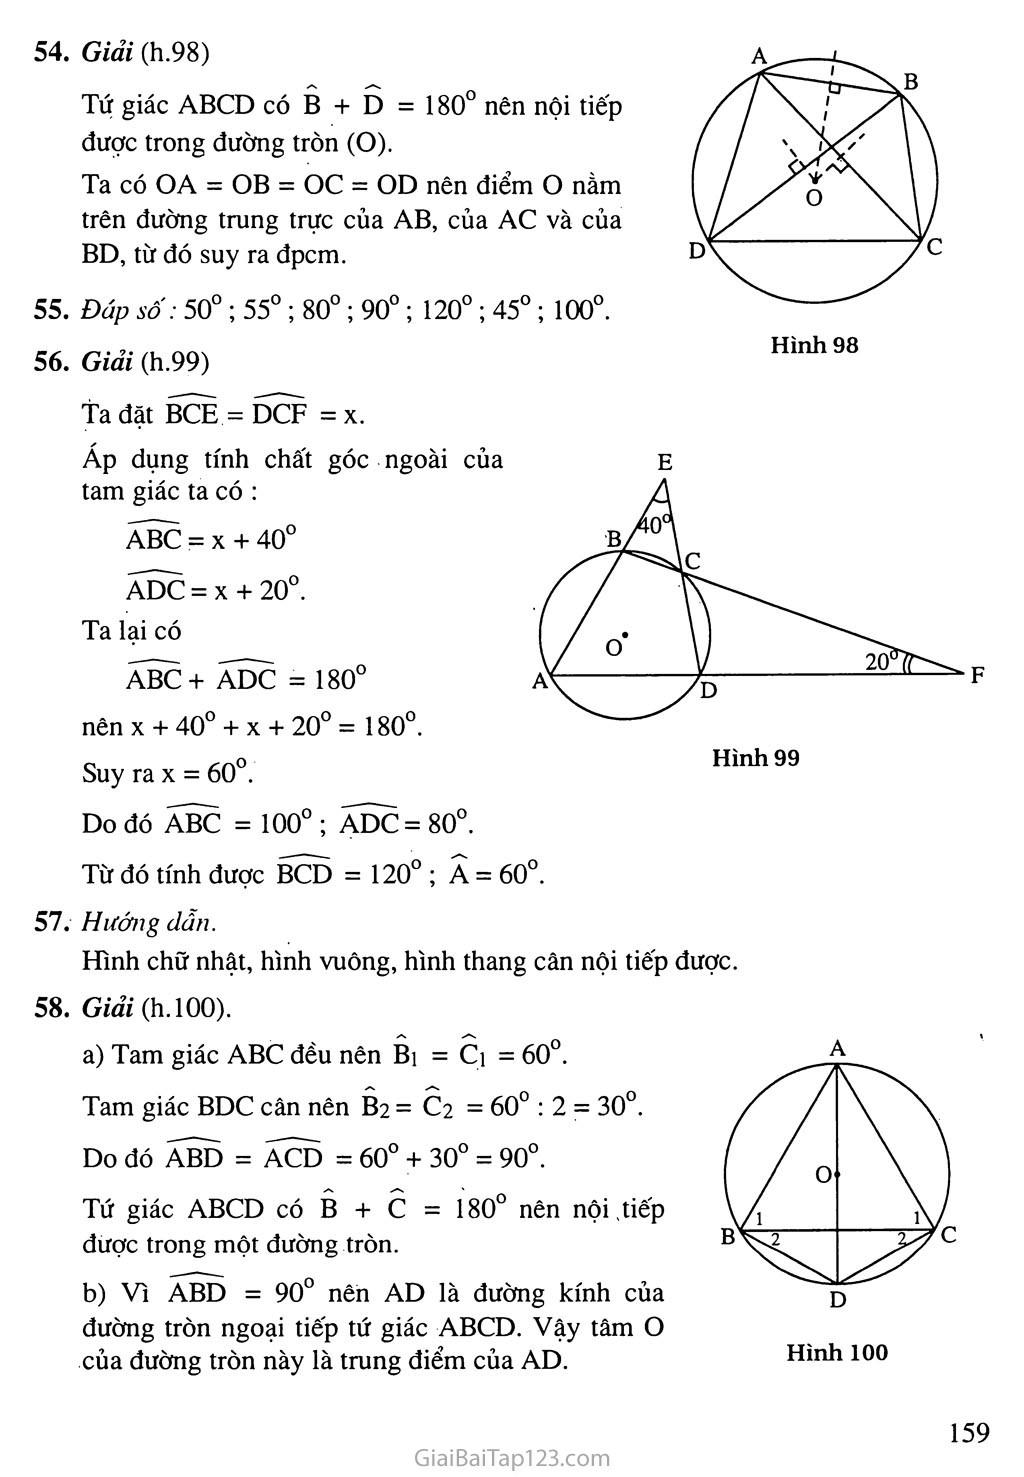 Bài 7. Tứ giác nội tiếp trang 4